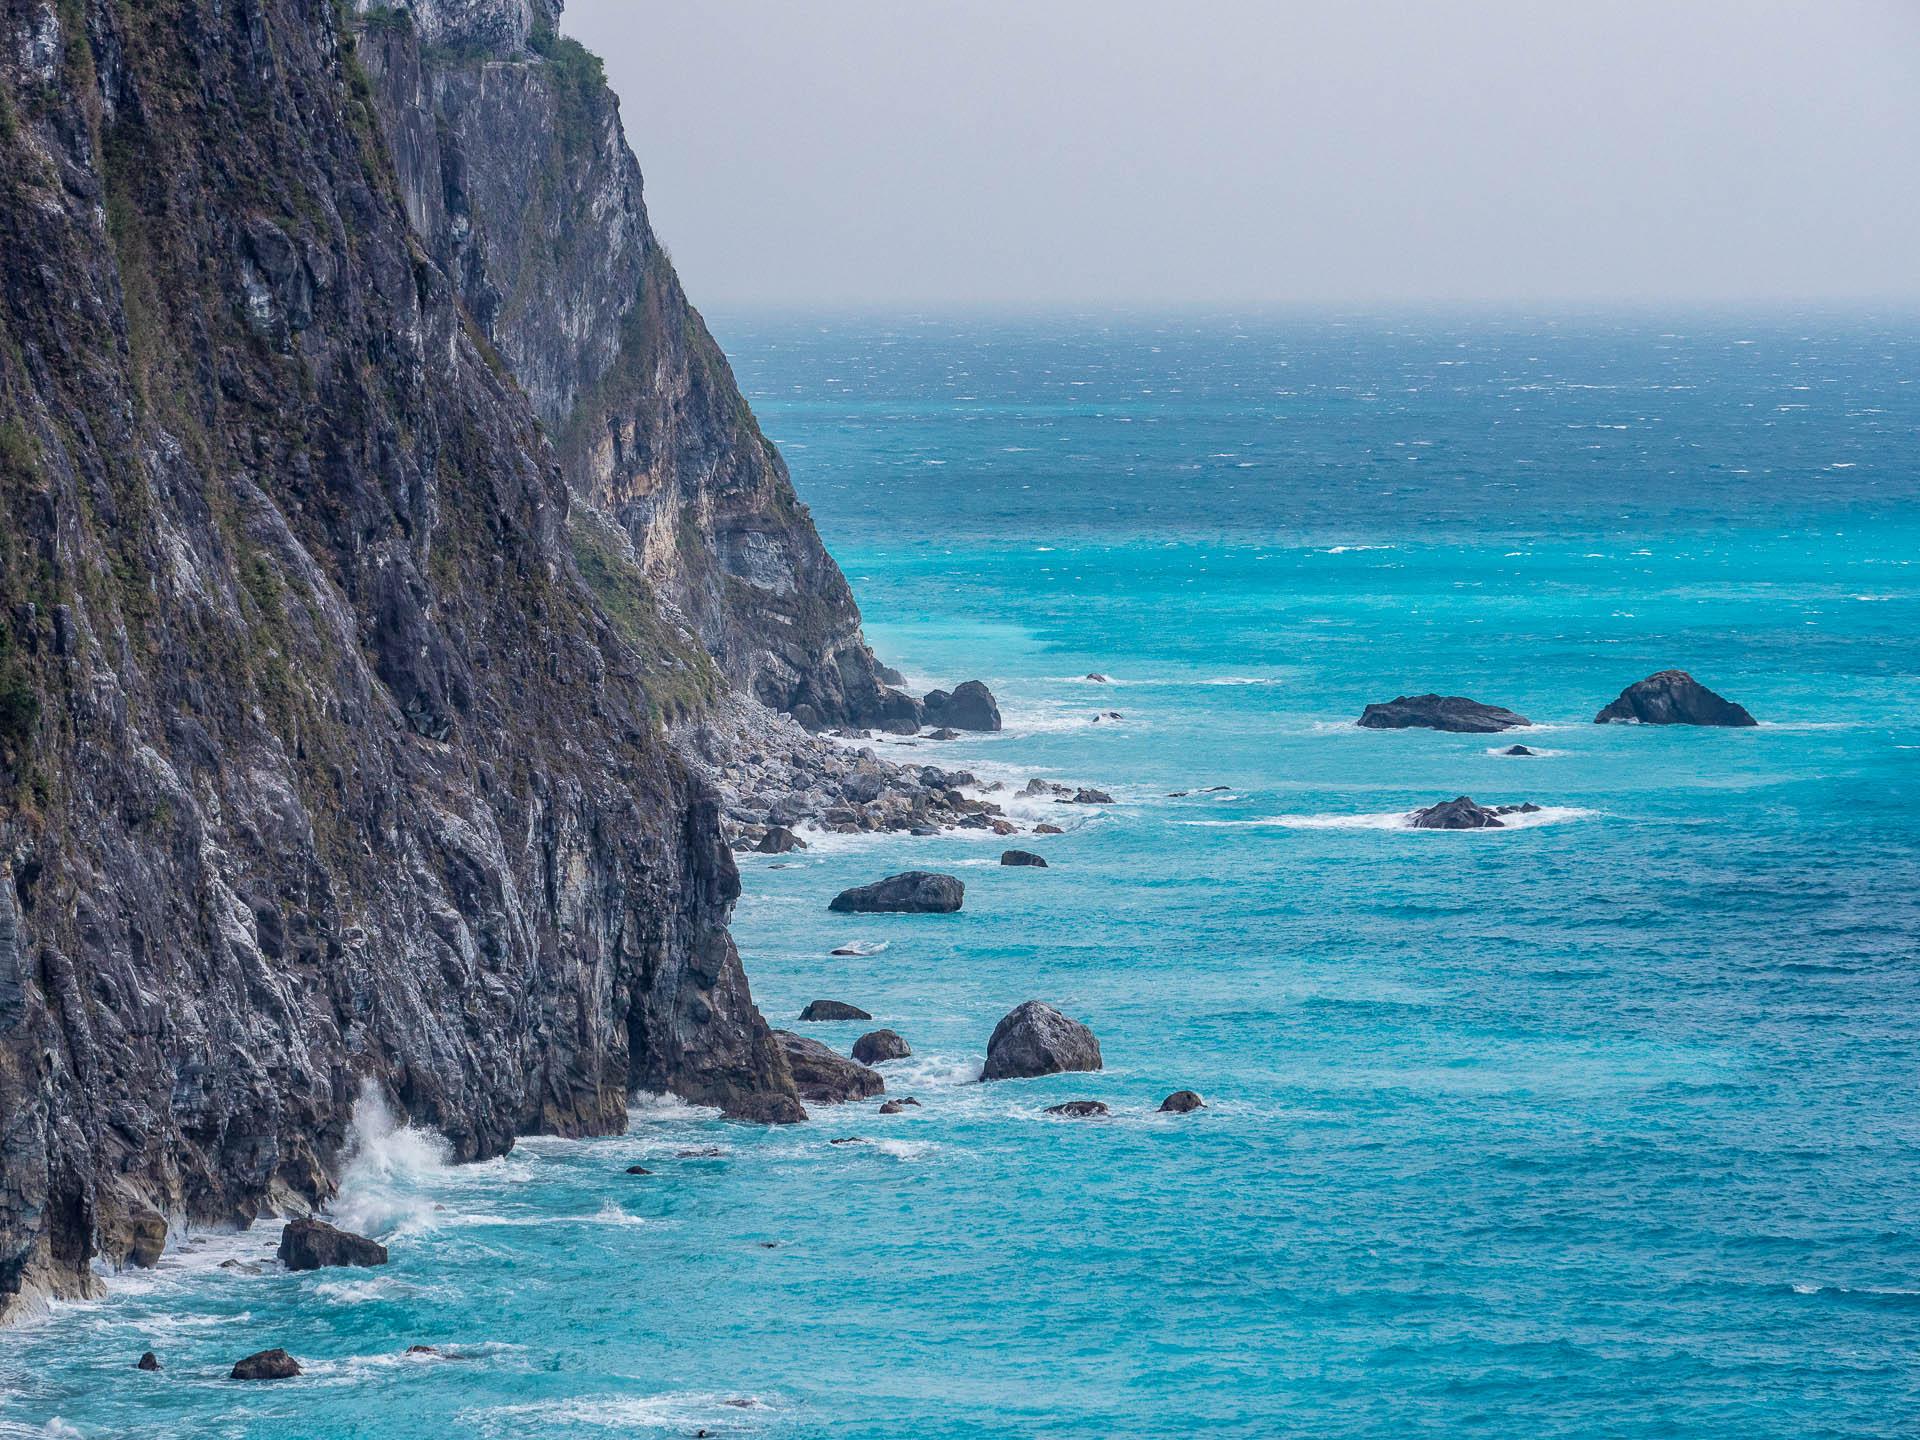 Falaises détail bis - Les globe blogueurs - blog voyage nature